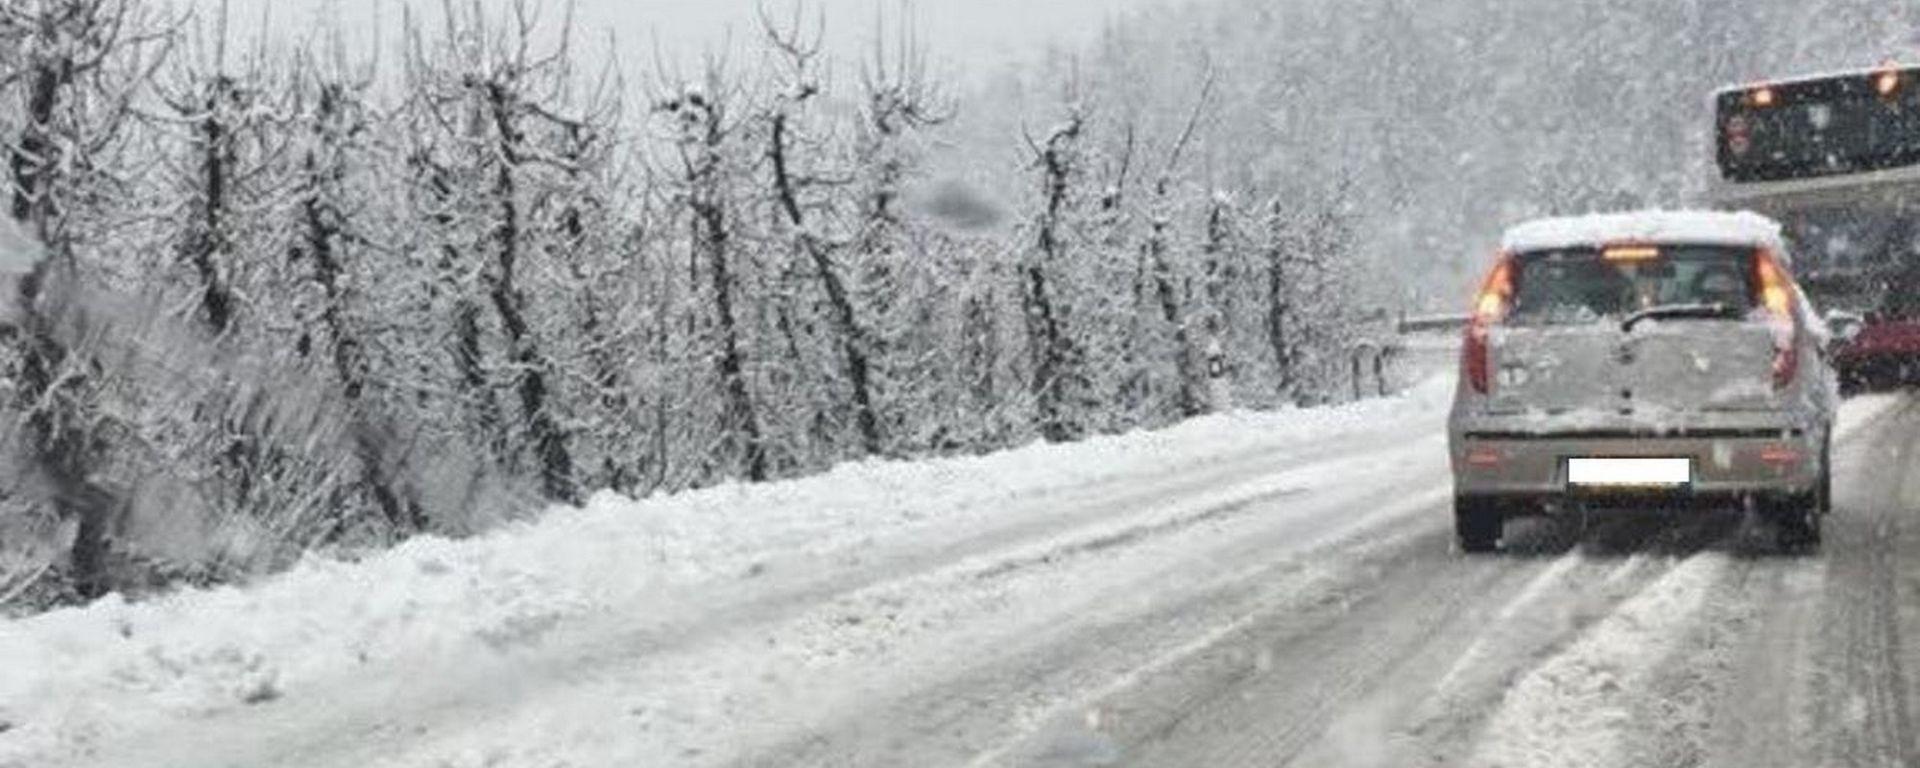 Maltempo, arriva Burian. I consigli per la guida con neve e ghiaccio